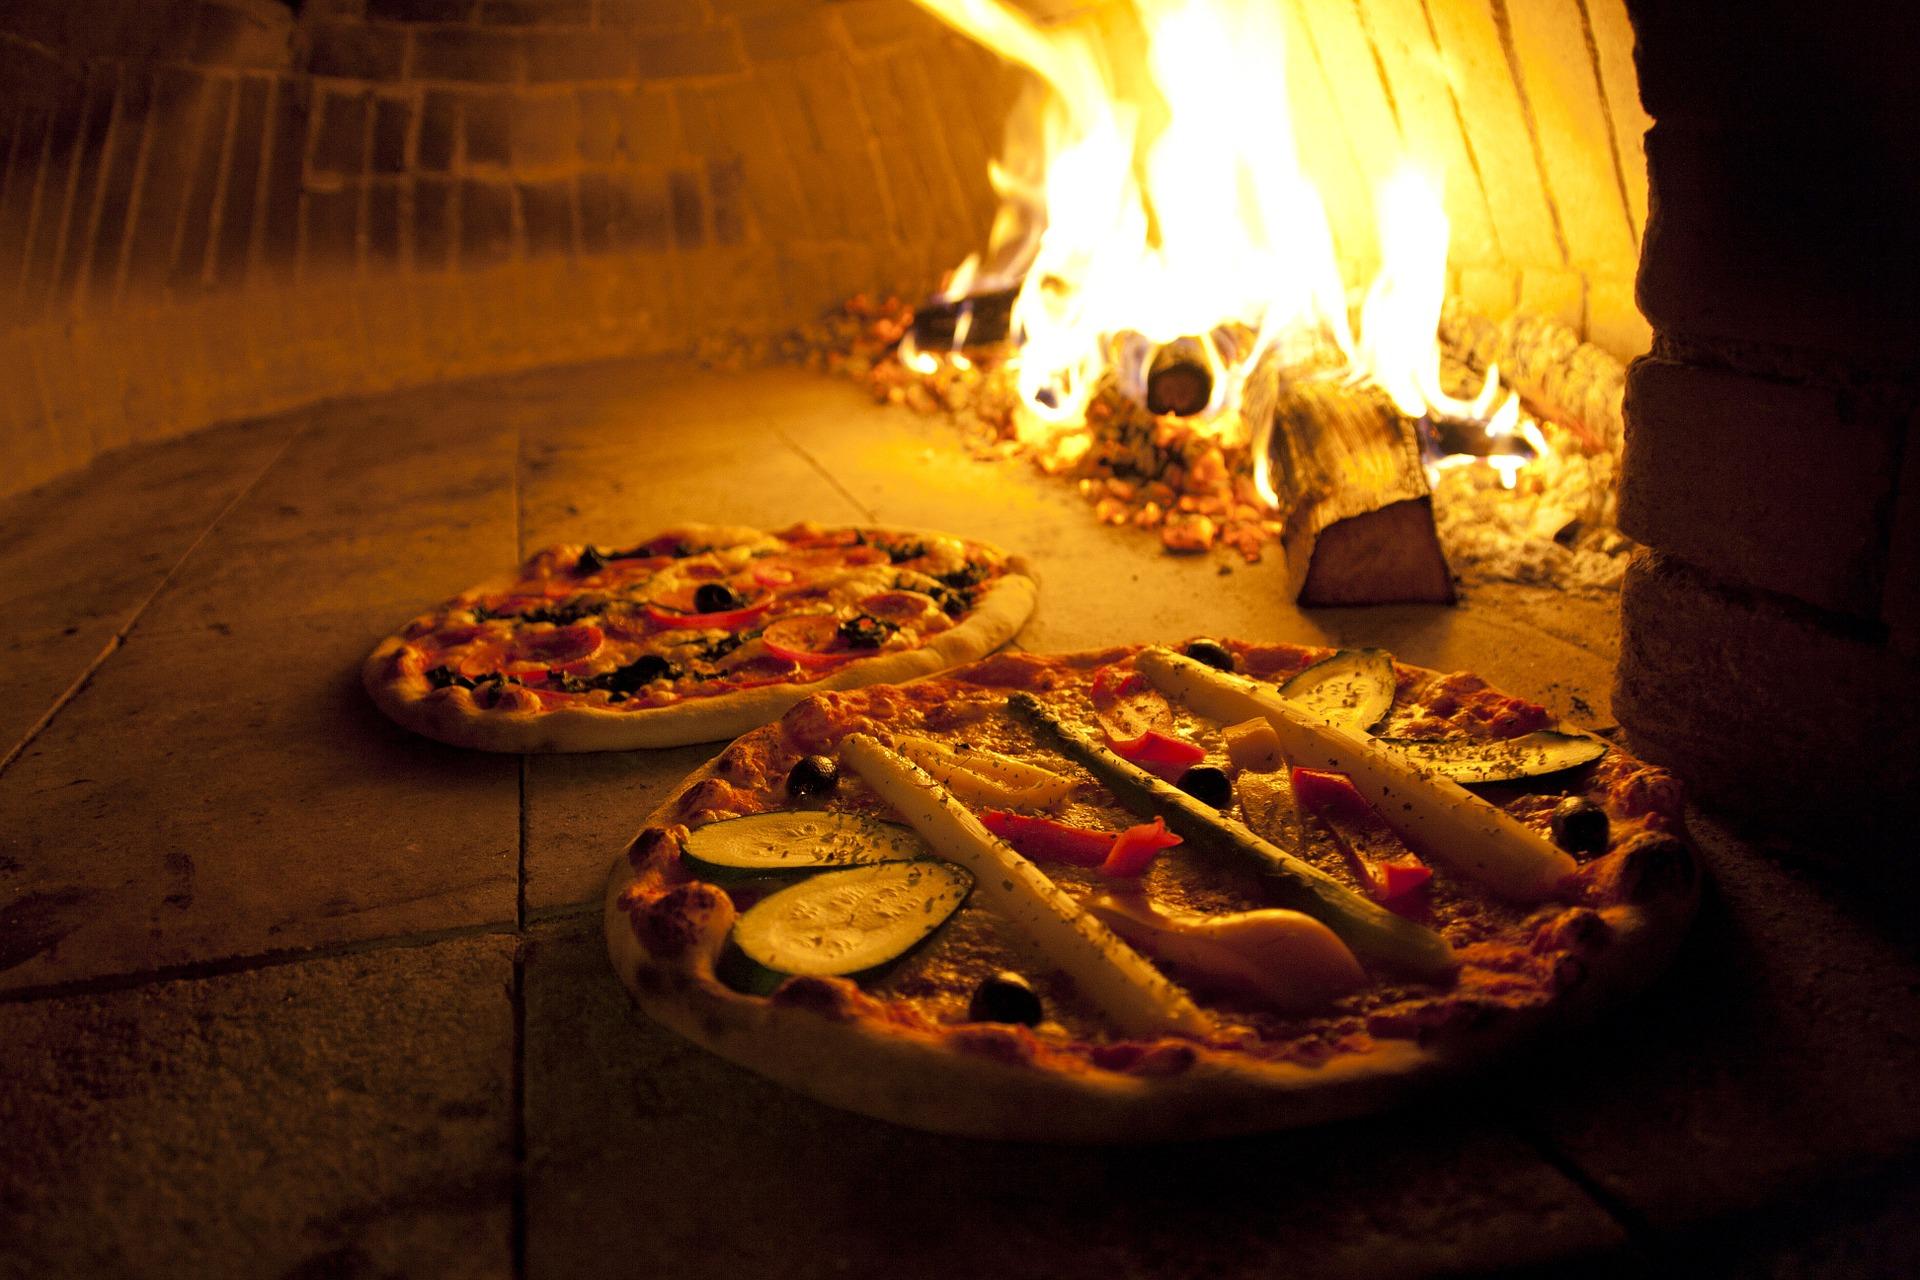 Des éléments Que Nous Aimerions Voir Plus Couramment Dans La Conception De Cuisines